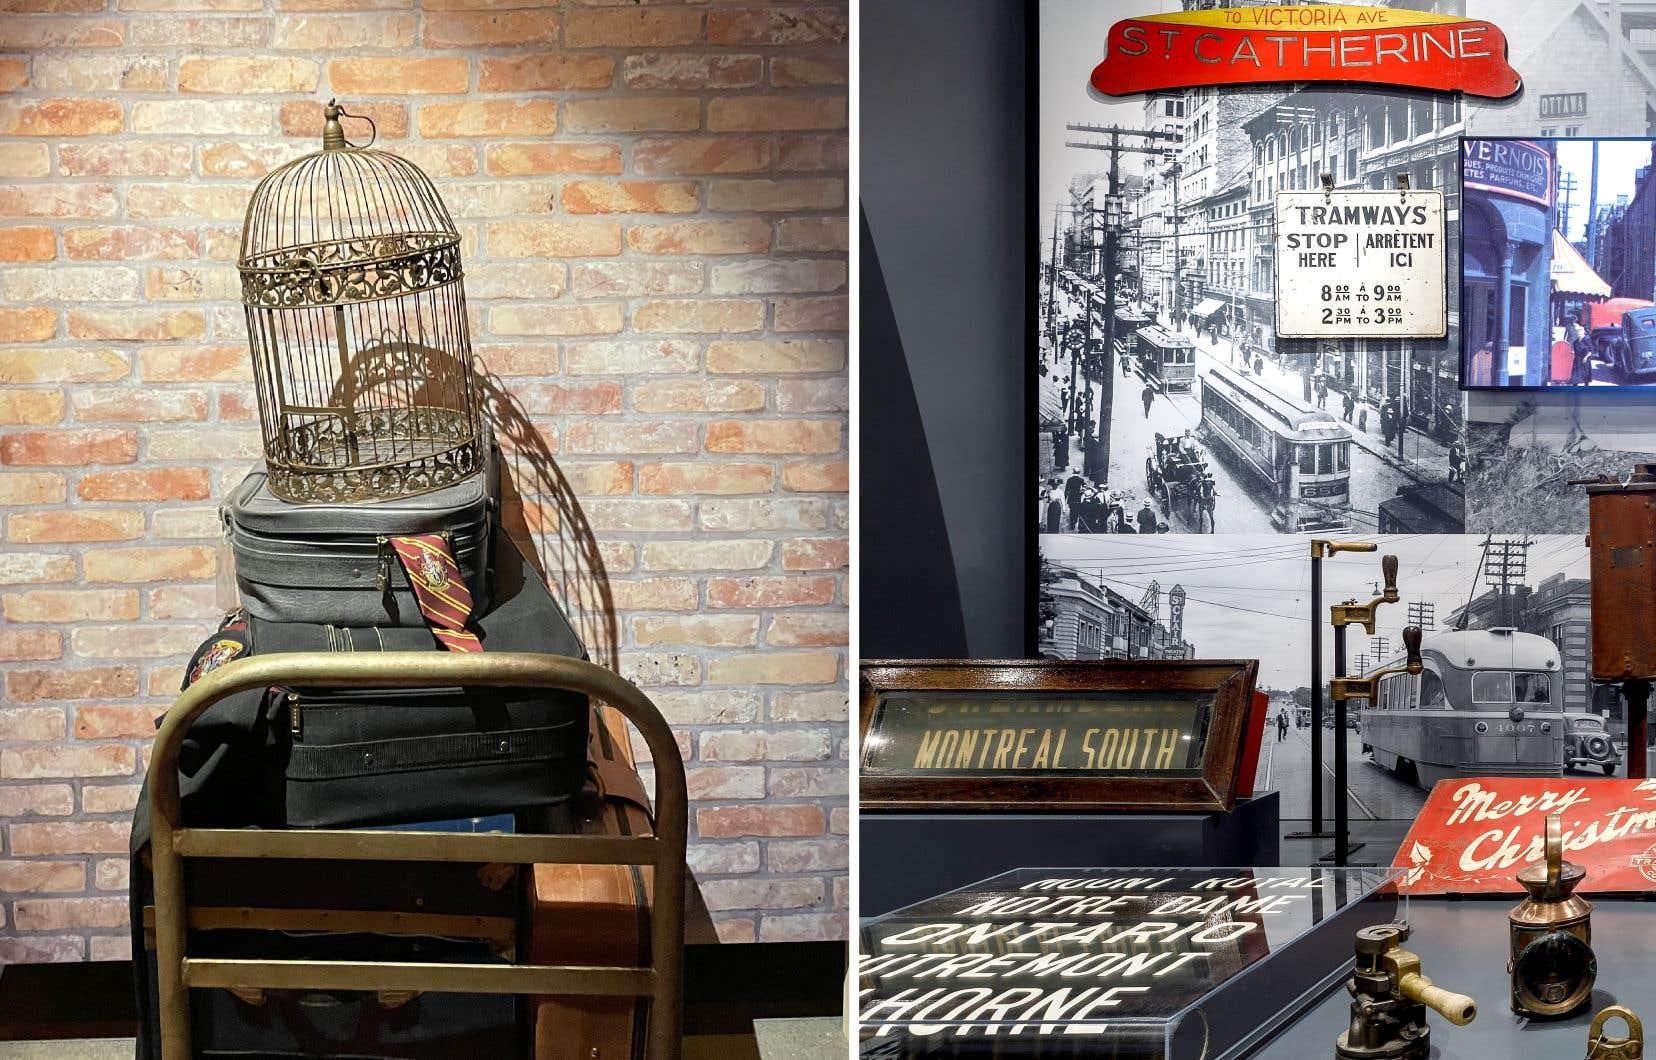 À Montréal, Pointe-à-Callière présente l'exposition Trains, transporteurs de rêve, où l'une des salles est consacrée aux films dans lesquels les convois jouent un rôle important (à gauche) tandis qu'à Saint-Constant, la nouvelle exposition permanente d'Exporail met en valeur le travail des artisans des chemins de fer (à droite).